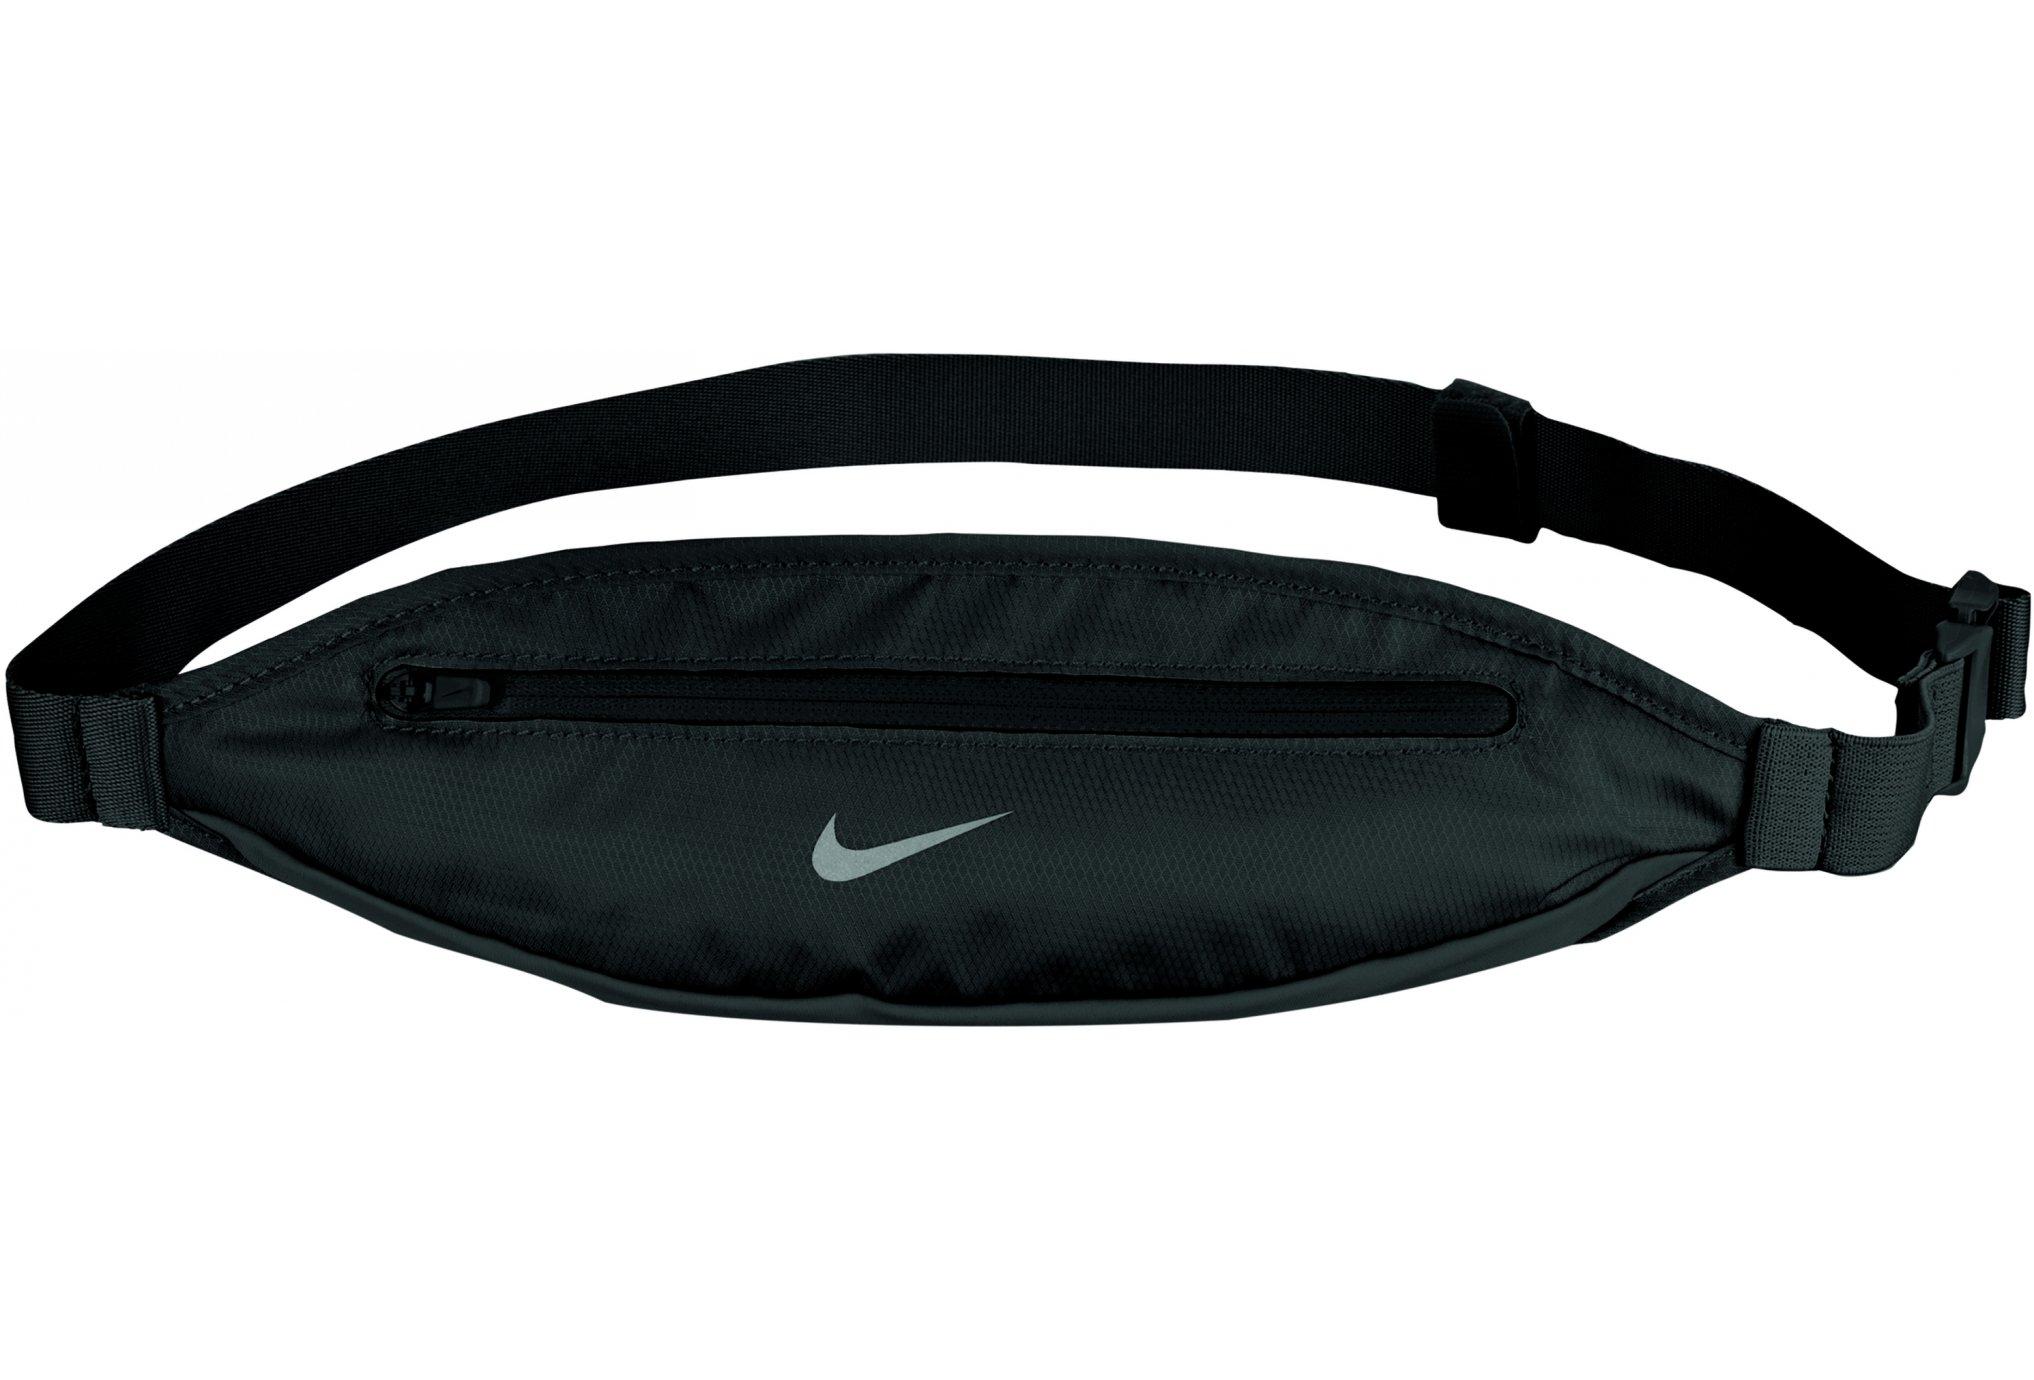 Nike Capacity Waistpack 2.0 - Small Ceinture / porte dossard